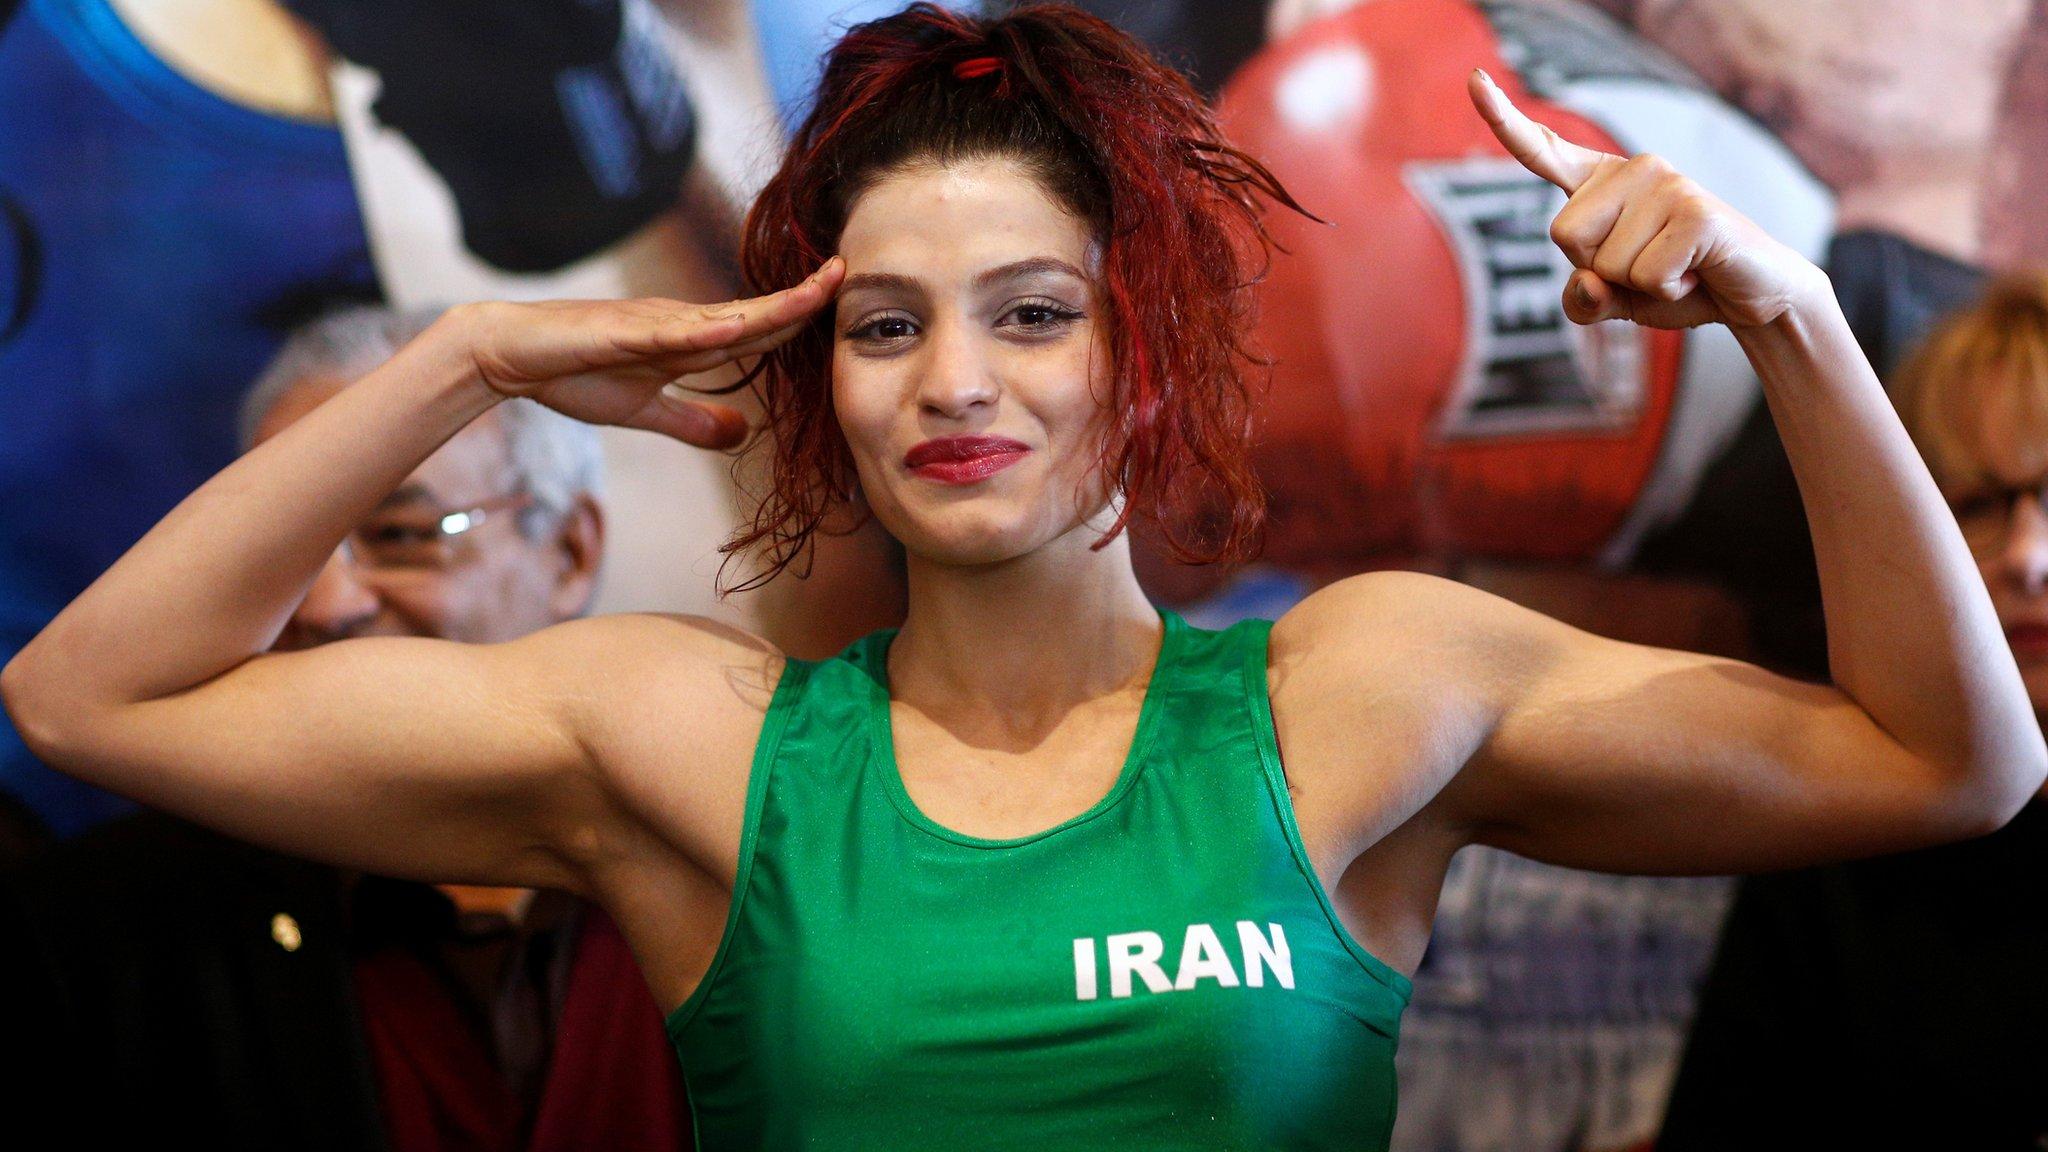 Sadaf Khadem: Iranian female boxer halts return over arrest fears